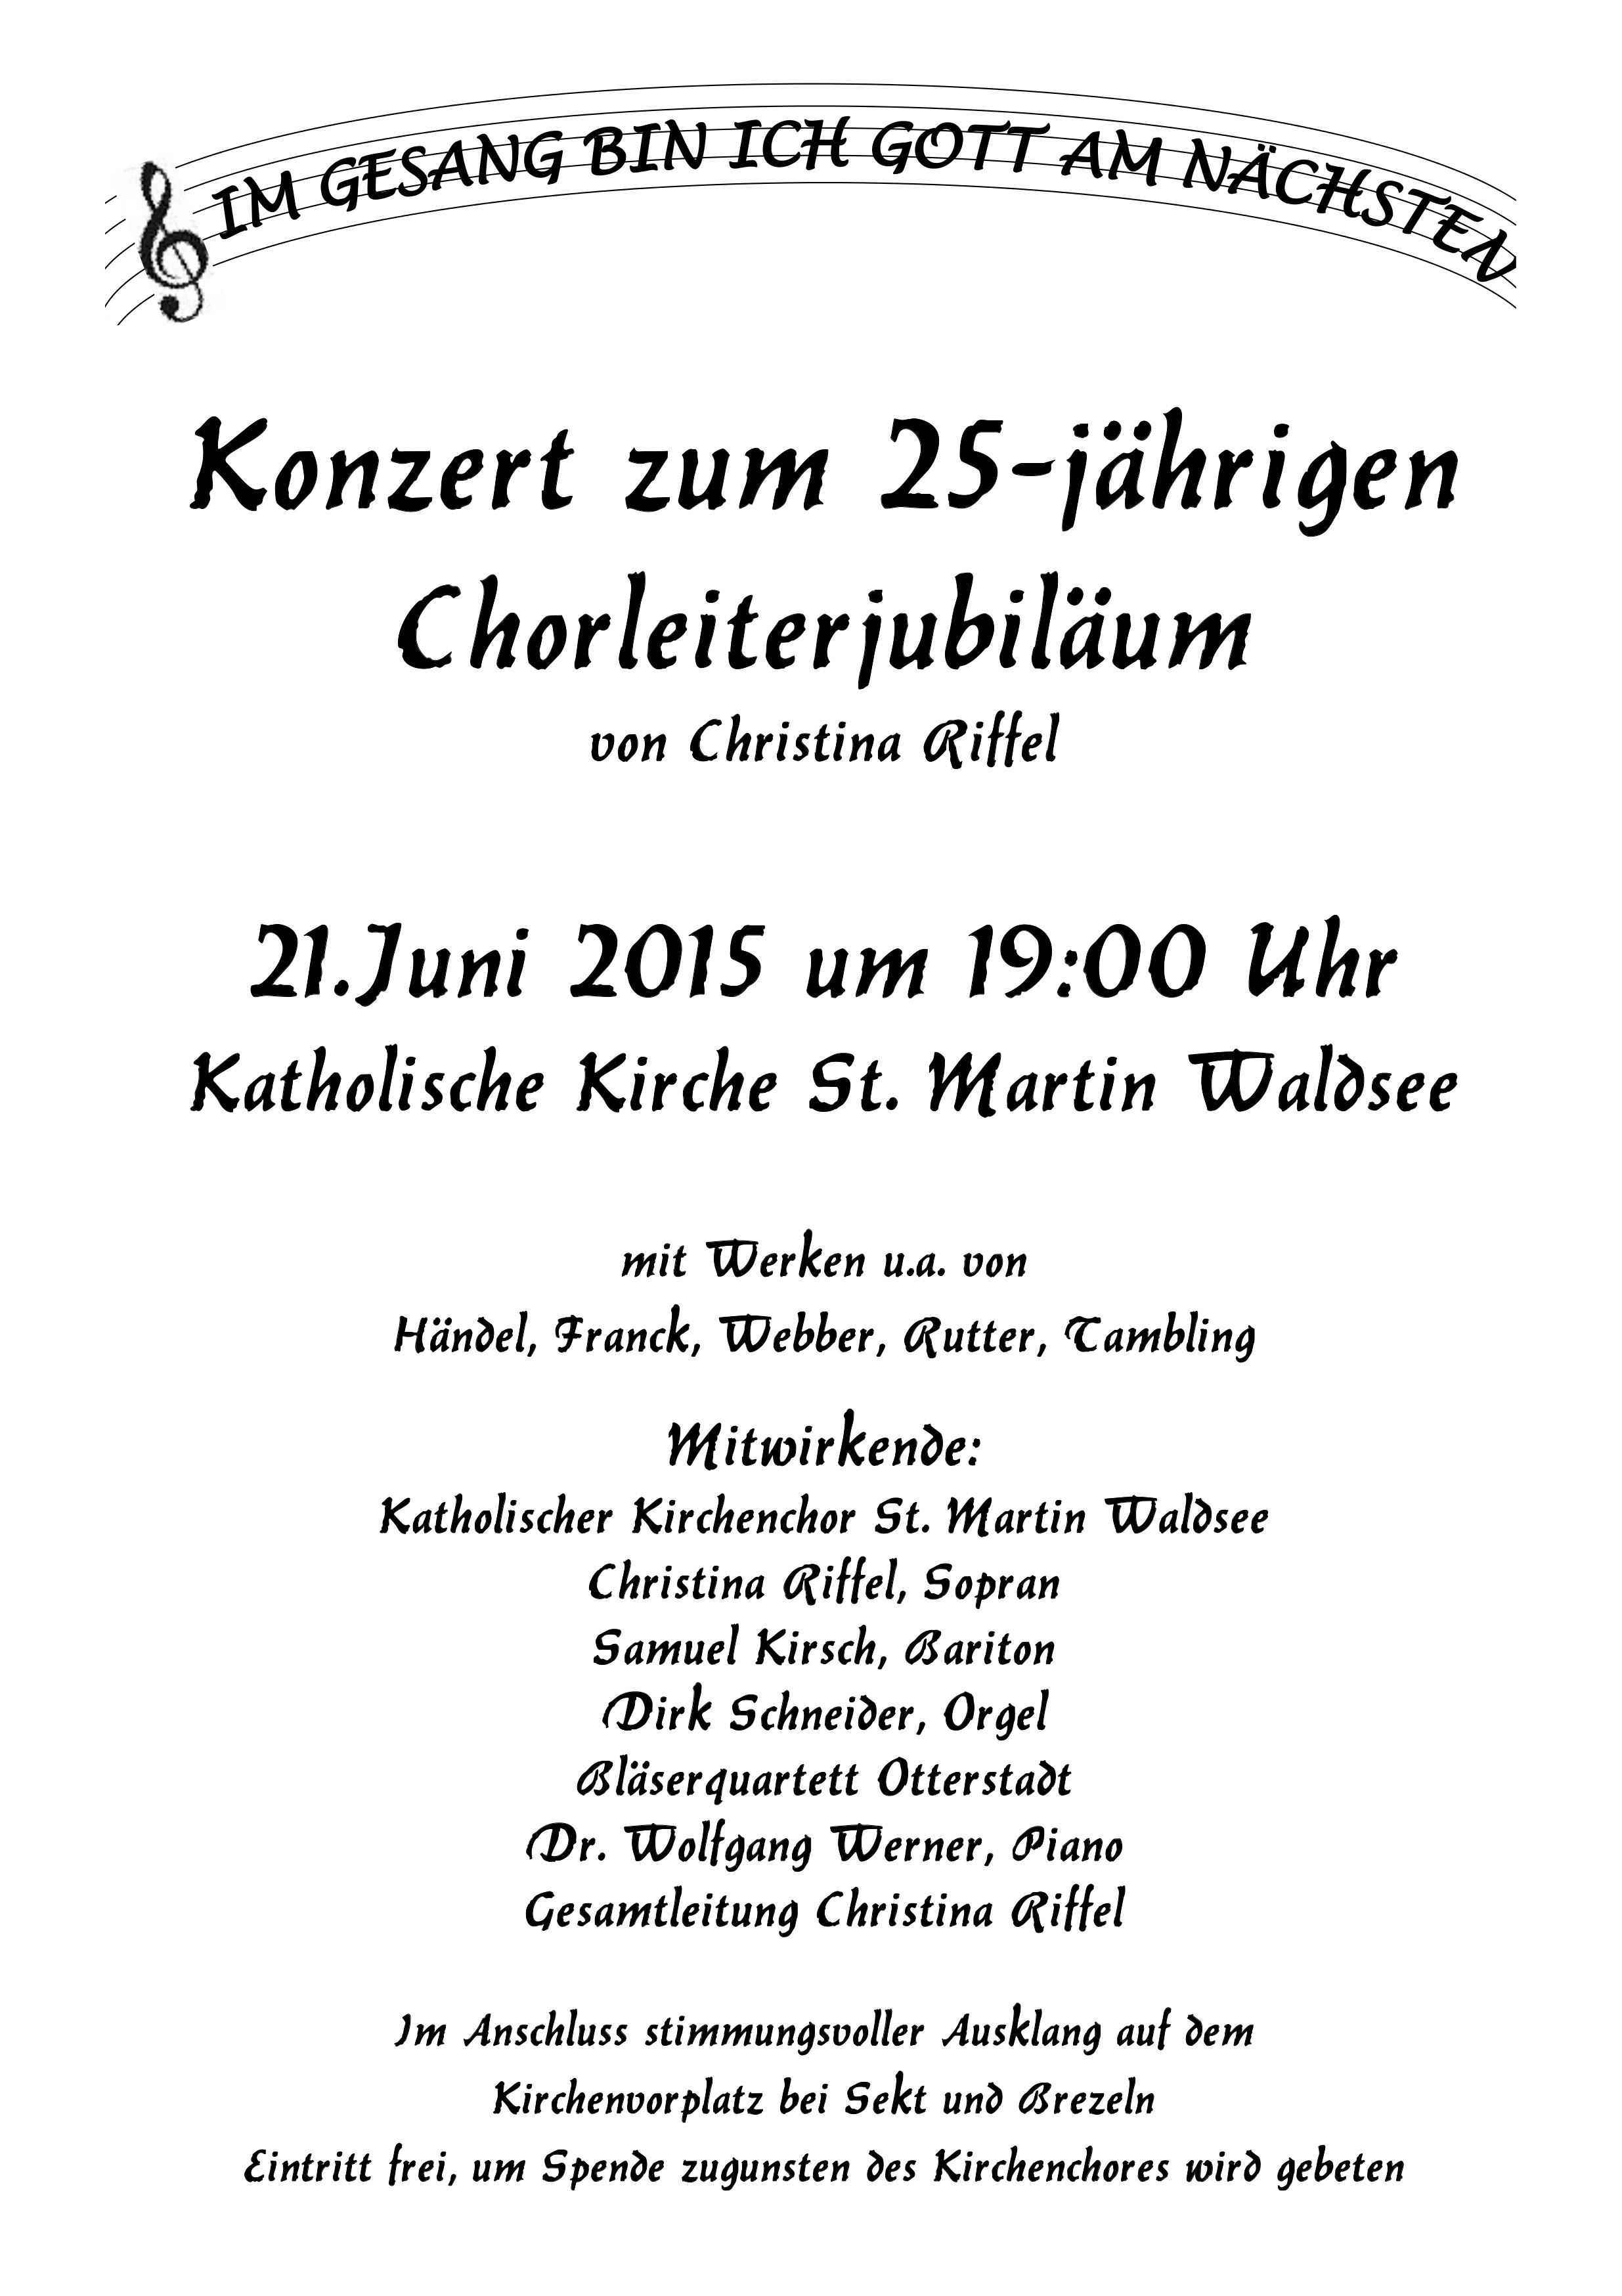 einladung: konzert zum chorleiterjubiläum   pfarrei hl. christophorus, Einladung